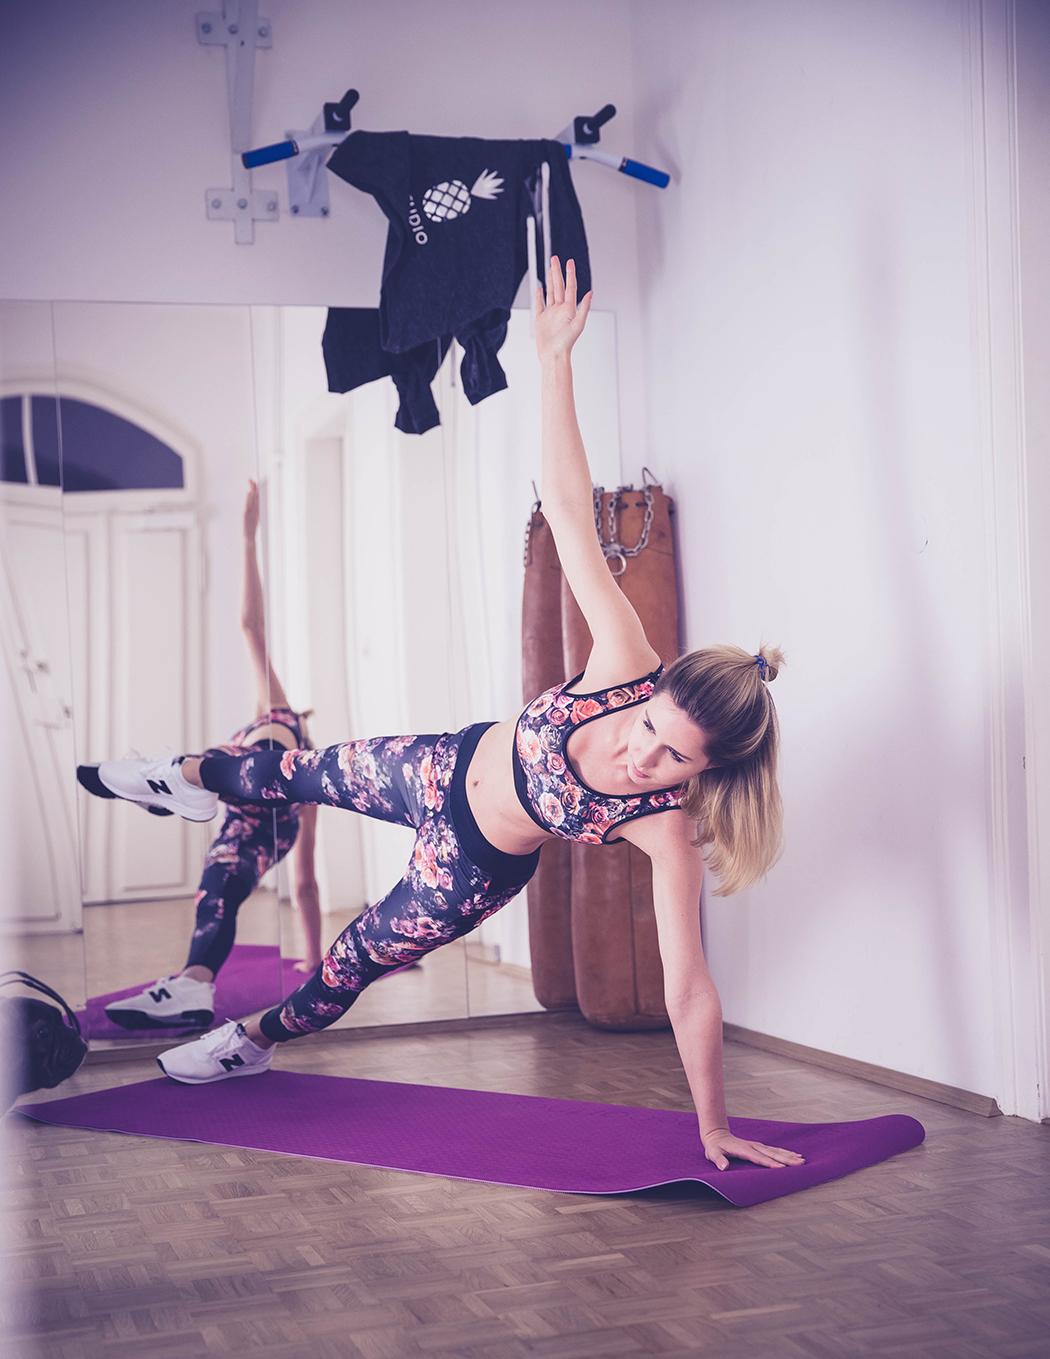 Fitnessblog-Fitnessblogger-Fitness-Blog-Blogger-Muenchen-Deutschland-Oasis-Sportkollektion-Gym-Lindarella-2-web